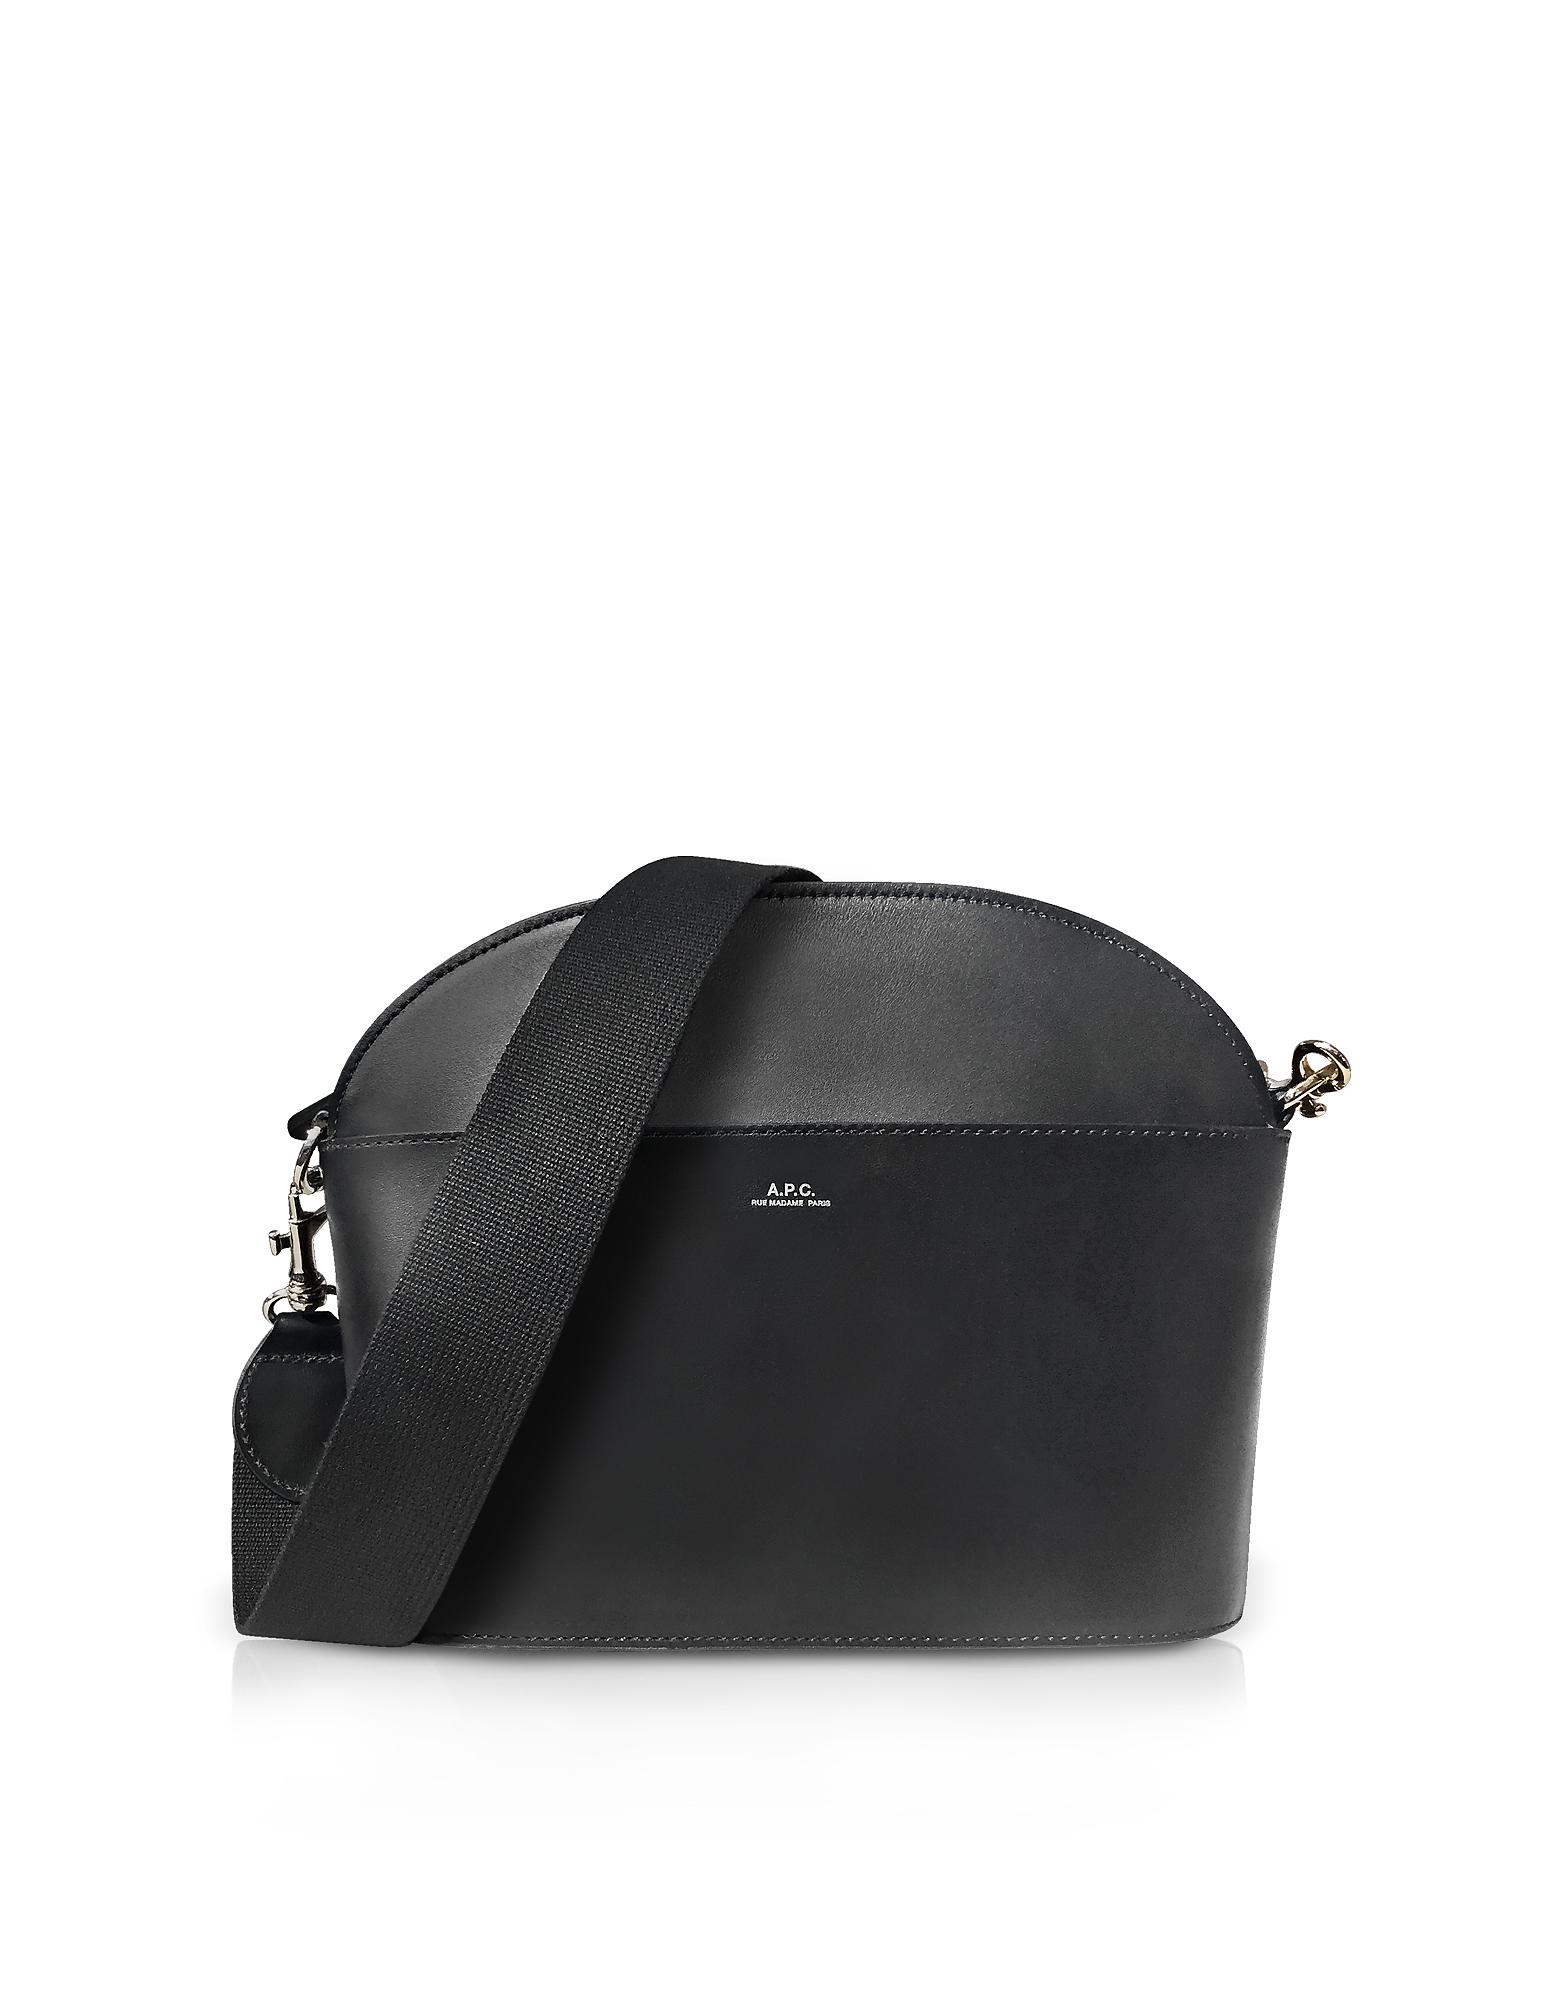 Image of A.P.C. Designer Handbags, Genuine Leather Gaby Shoulder Bag